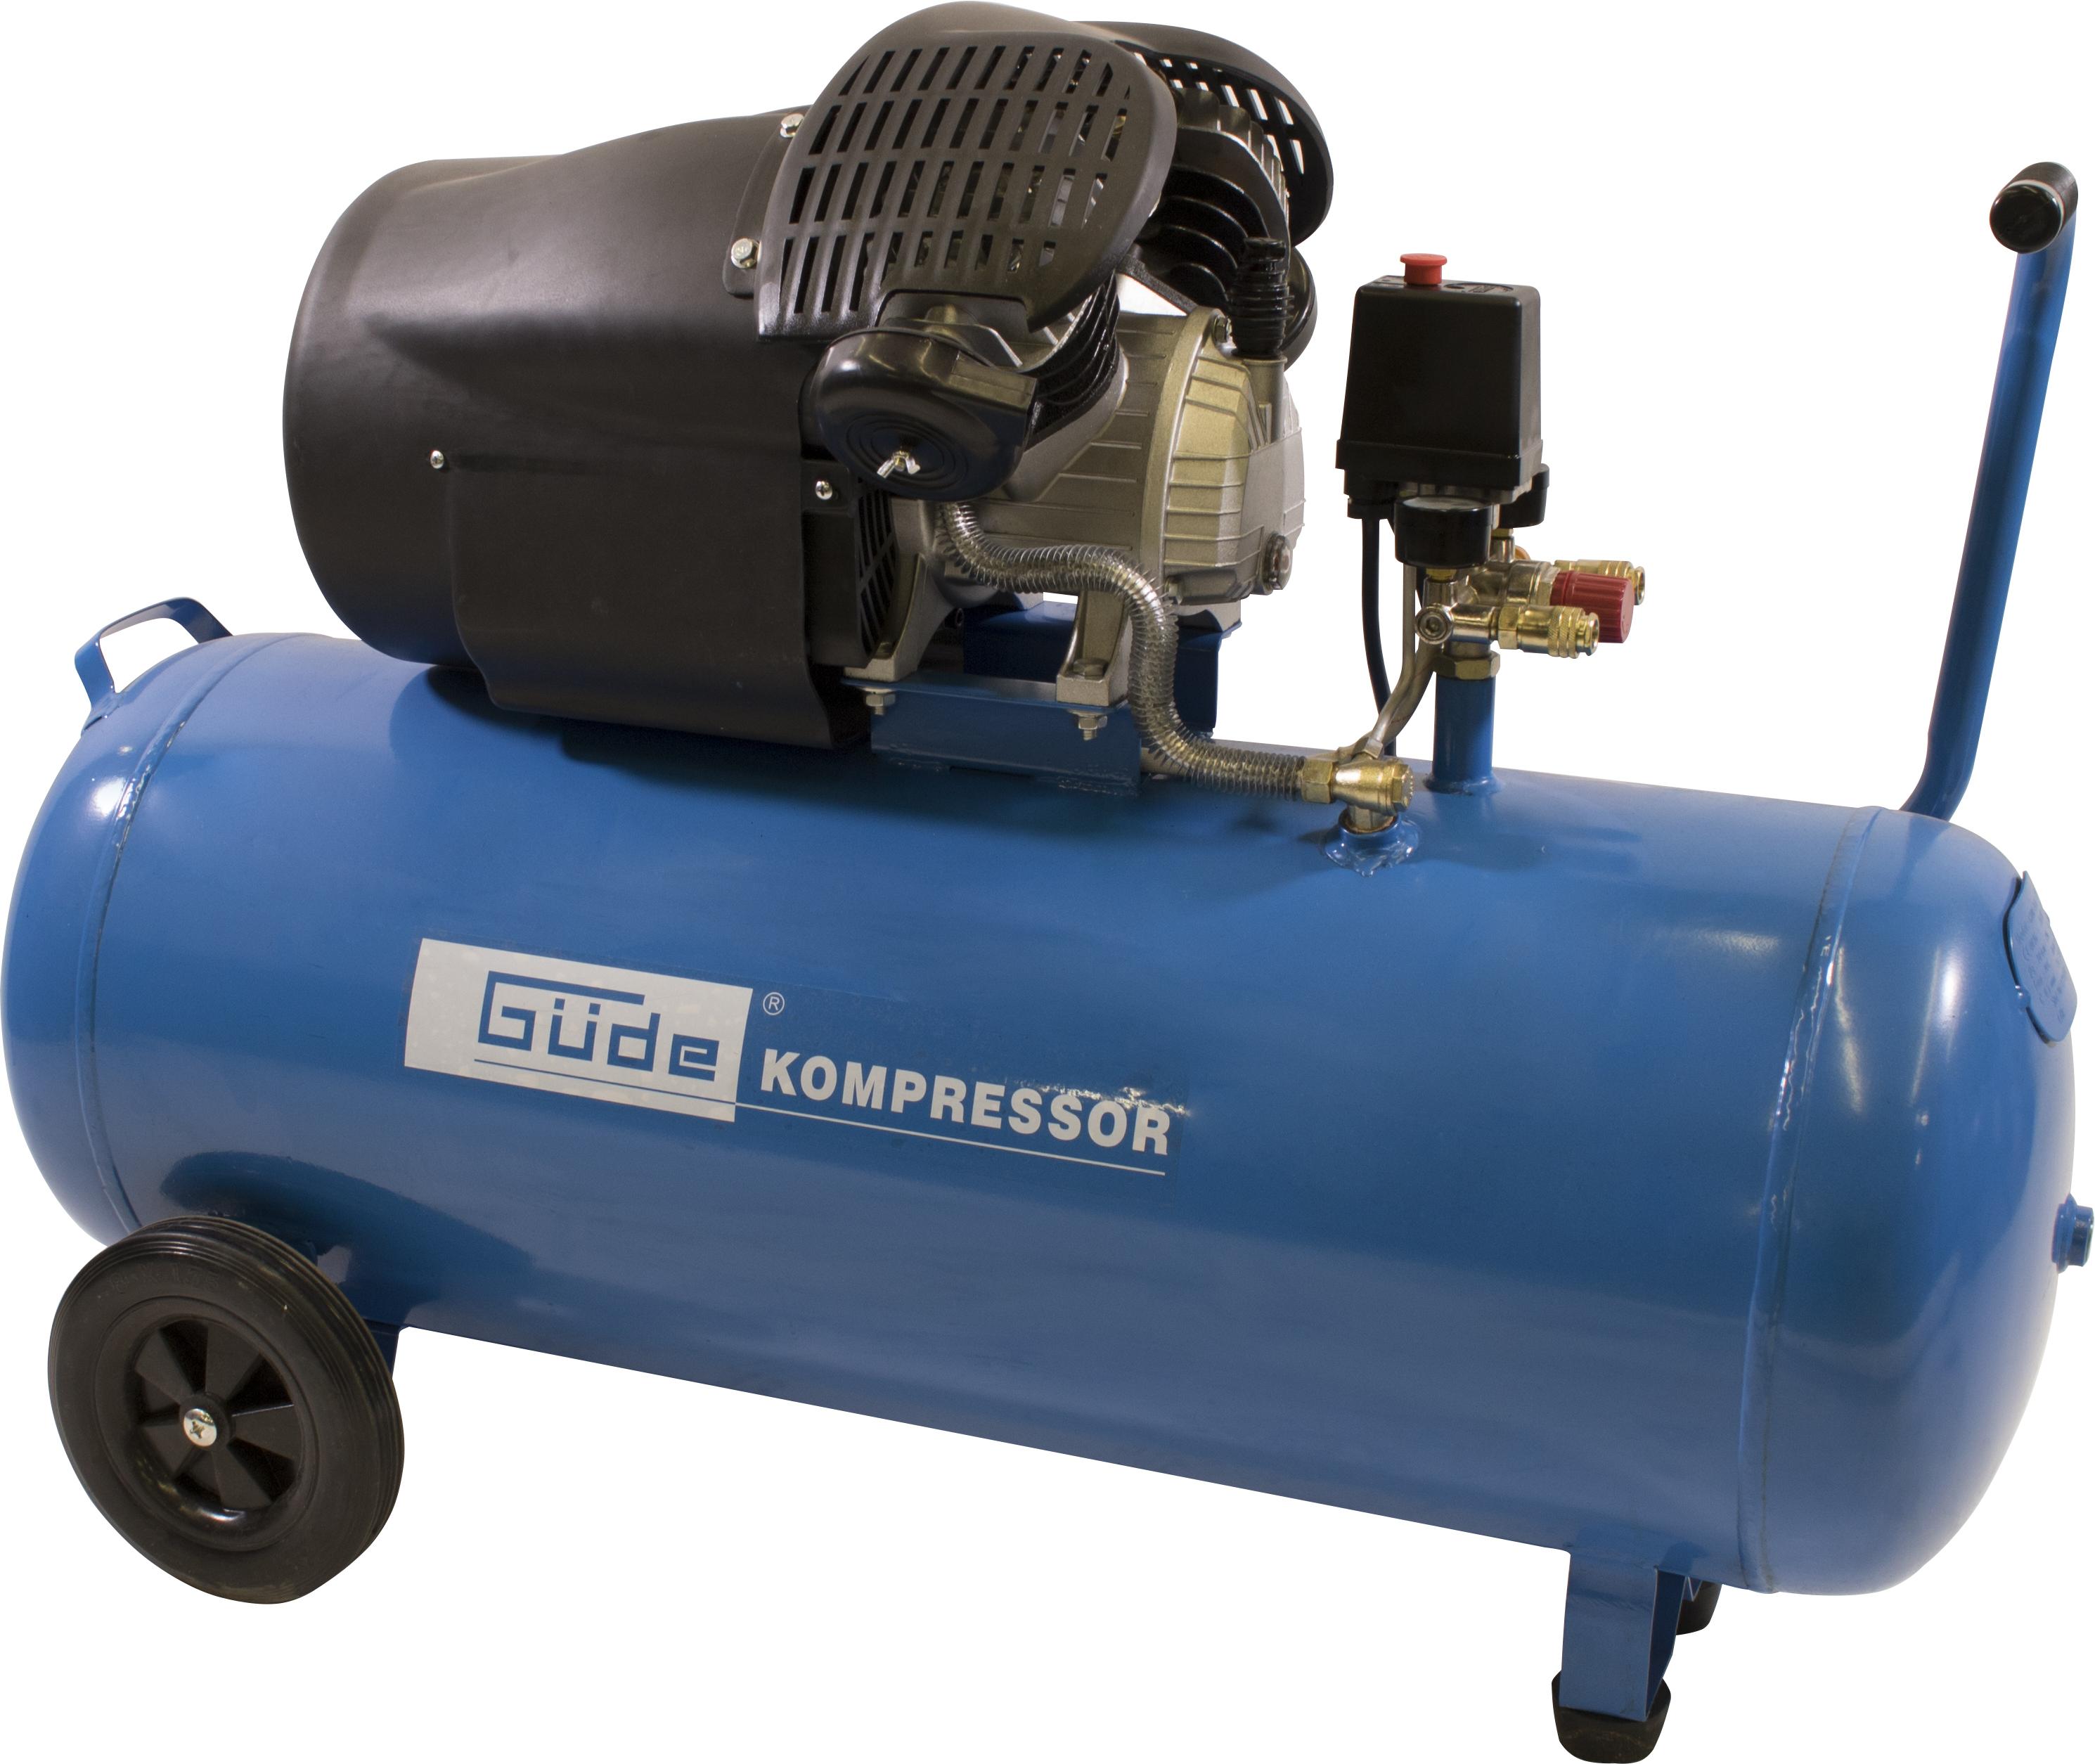 Güde Kompressor 412/8/1008 bar, 100 l, 412 l/min, 2,2 KW, 2 Zylinder